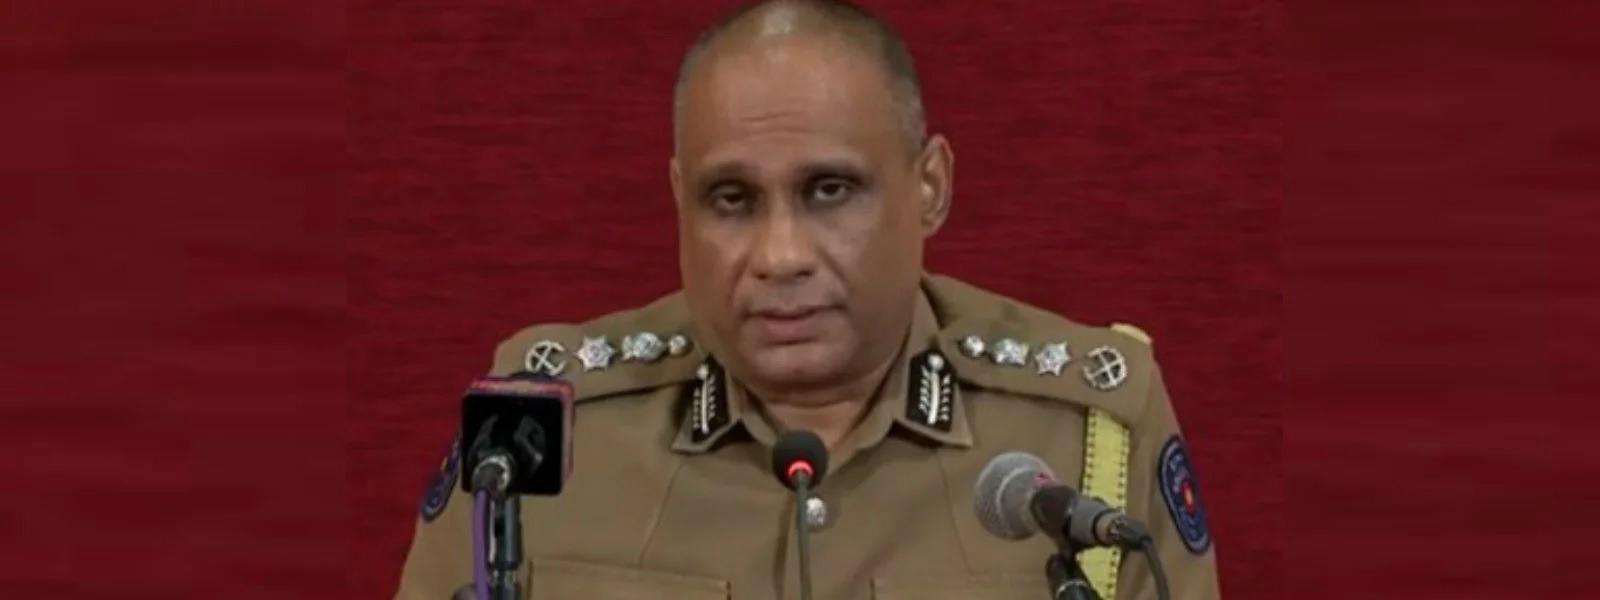 AG cracks whip on Act. IGP on Judge Pilapitiya matter